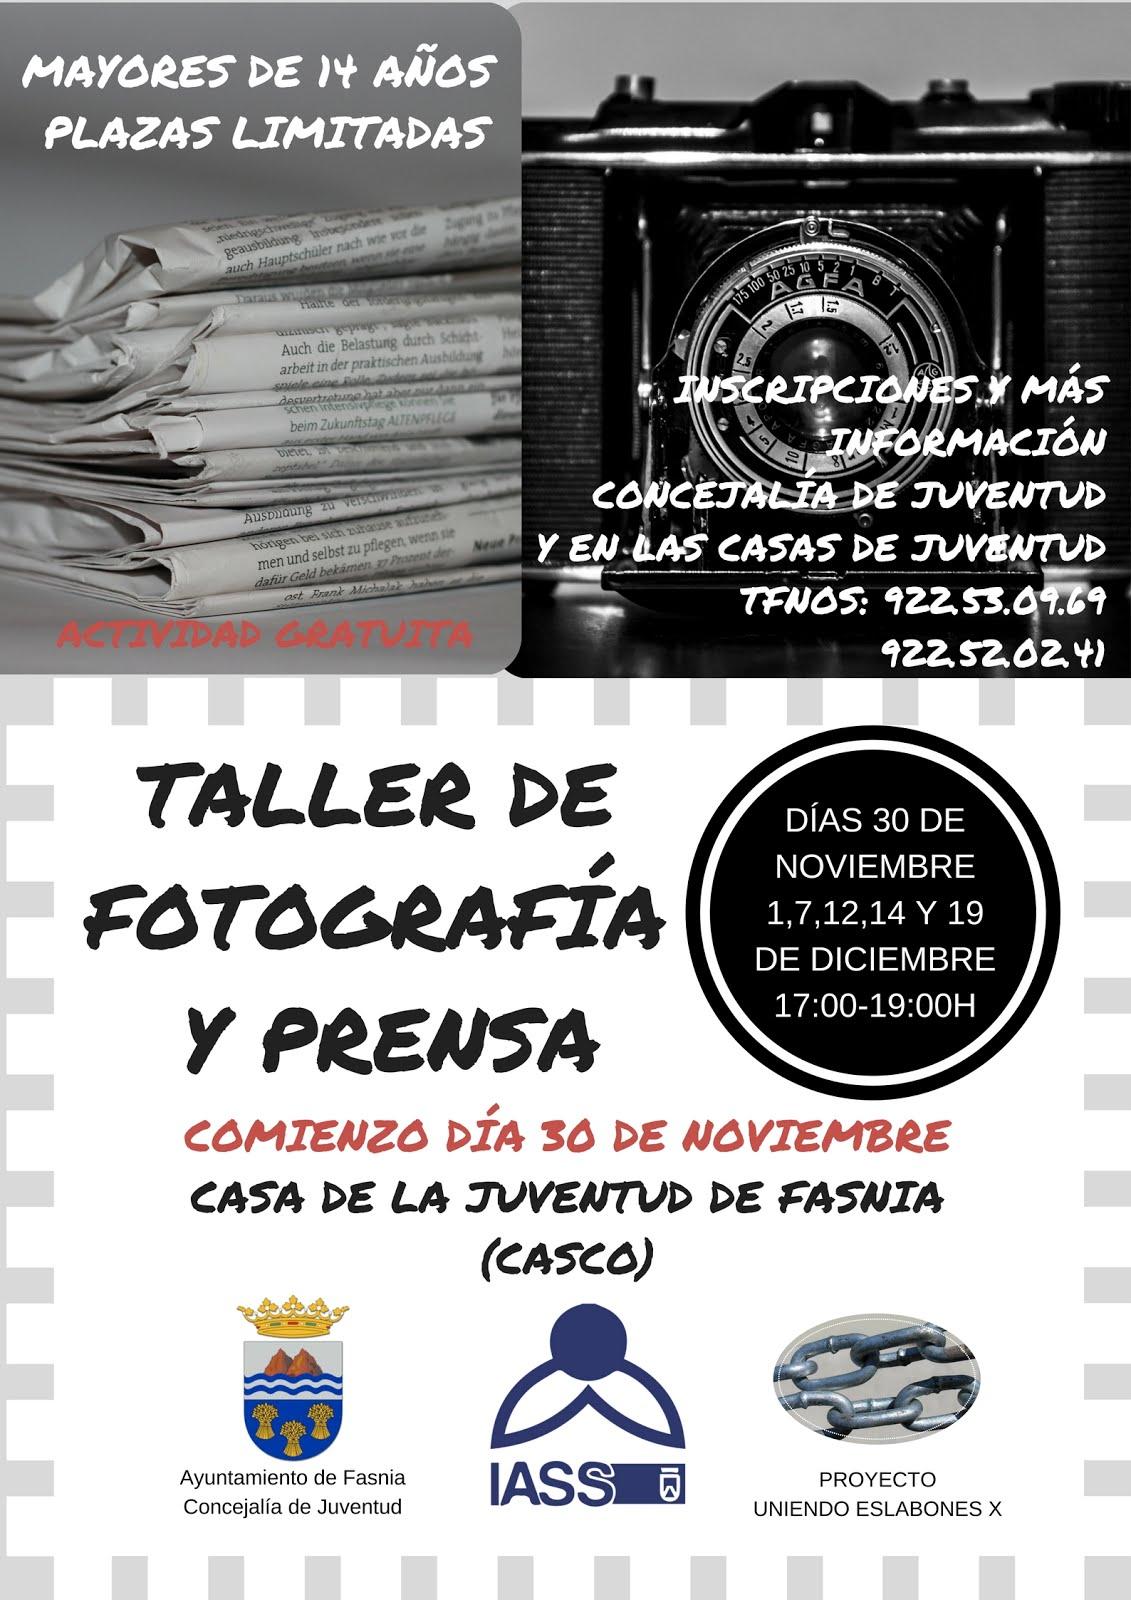 TALLER DE FOTOGRAFÍA Y PRENSA